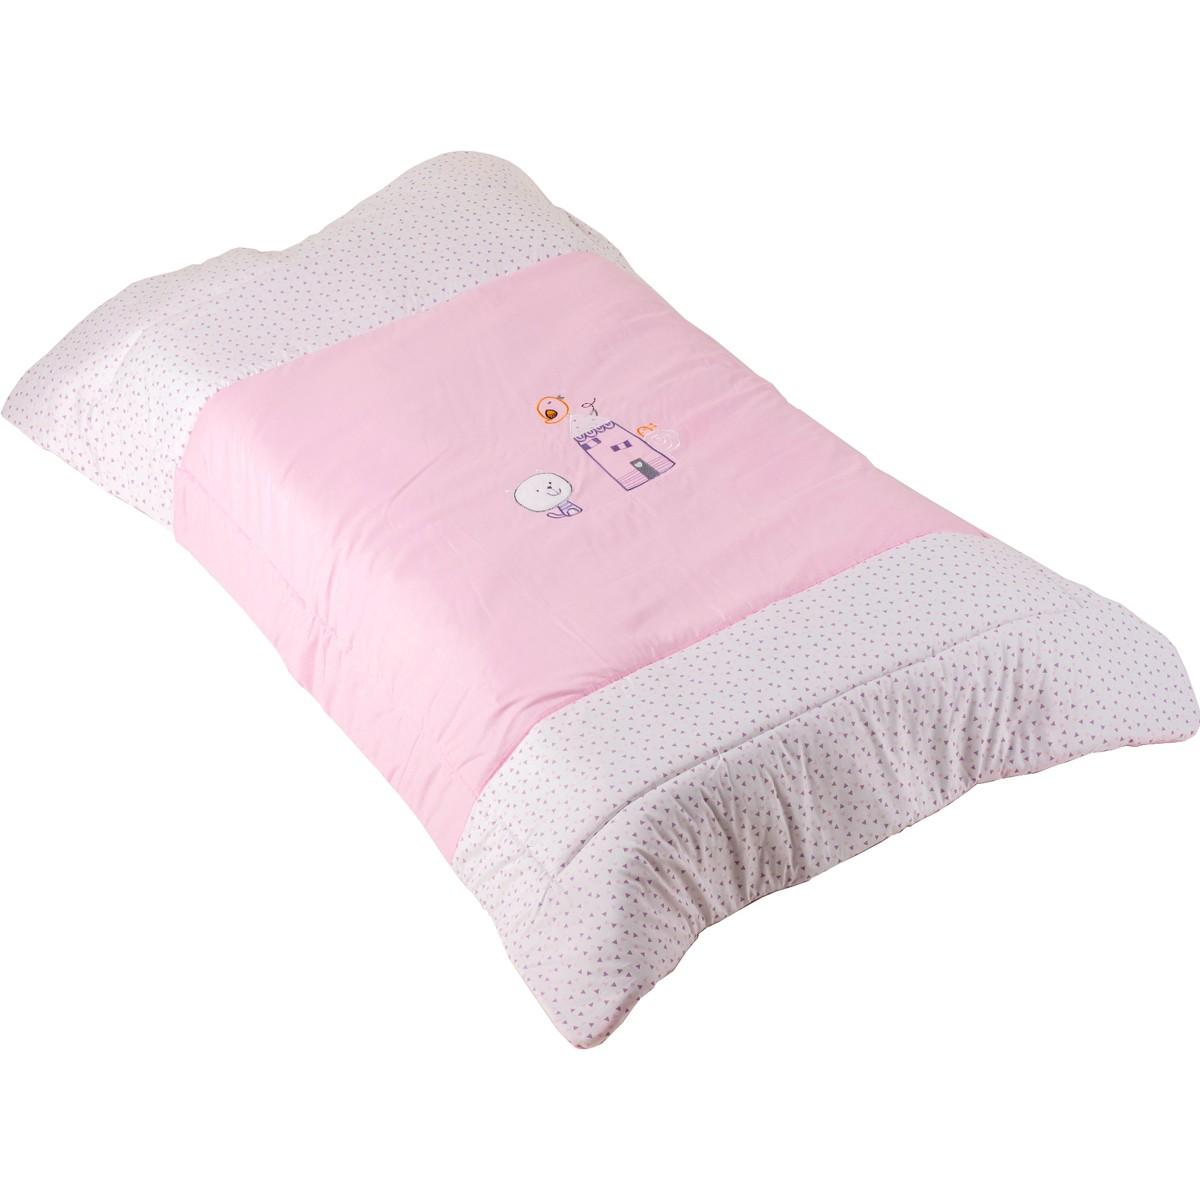 Πάπλωμα Κούνιας Κόσμος Του Μωρού Home 7950 Ροζ